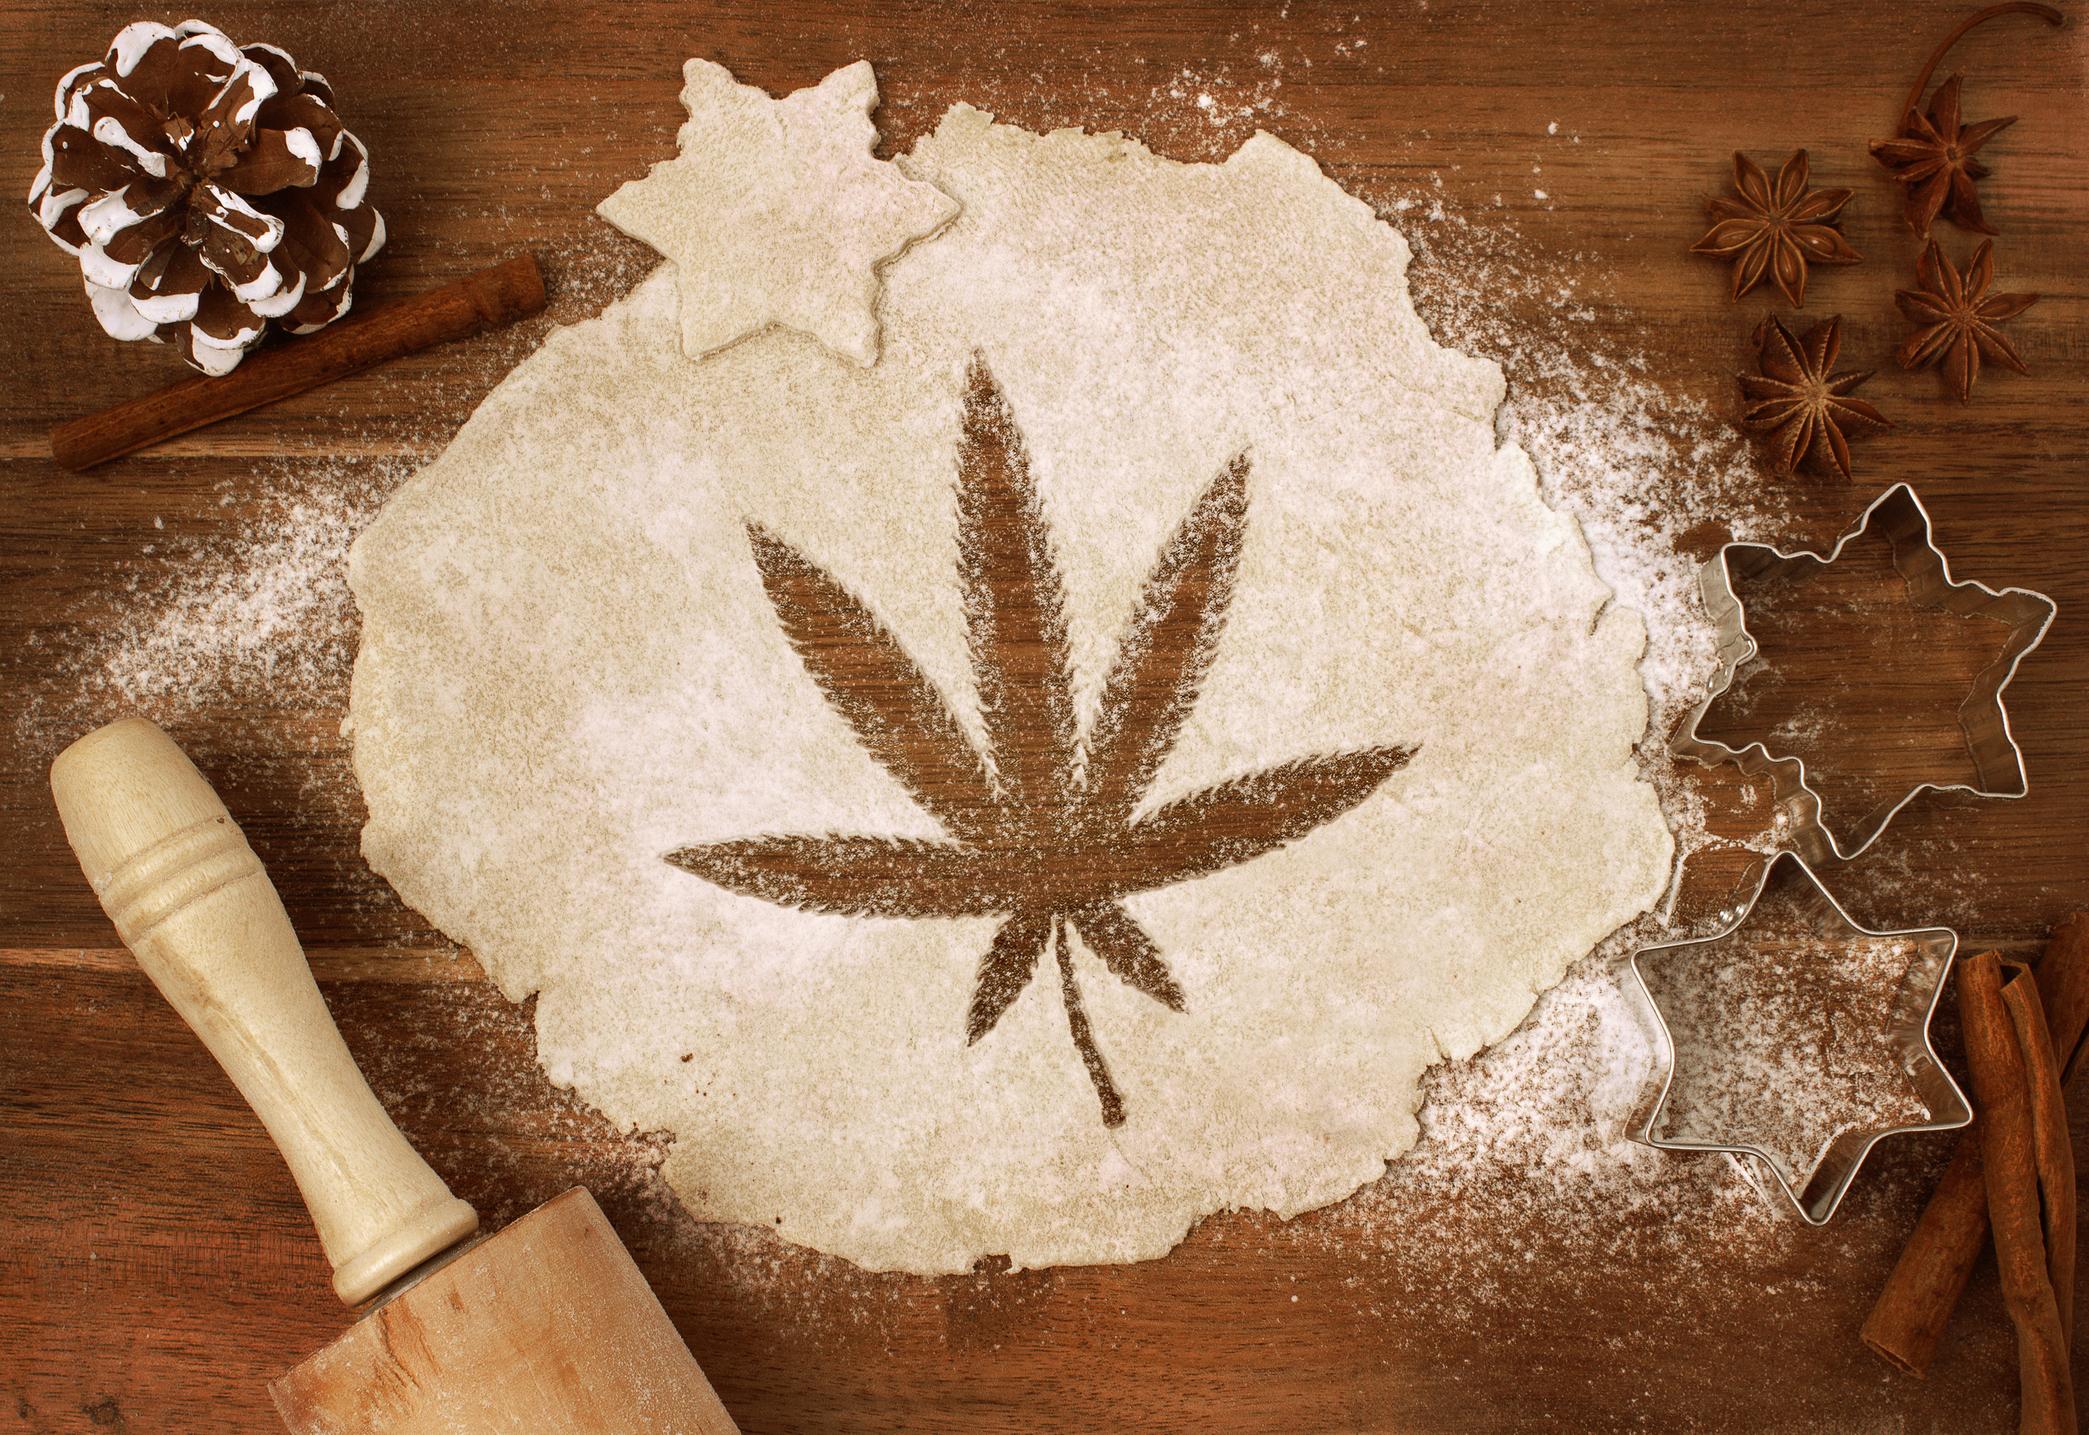 Flour on a table with a marijuana leaf